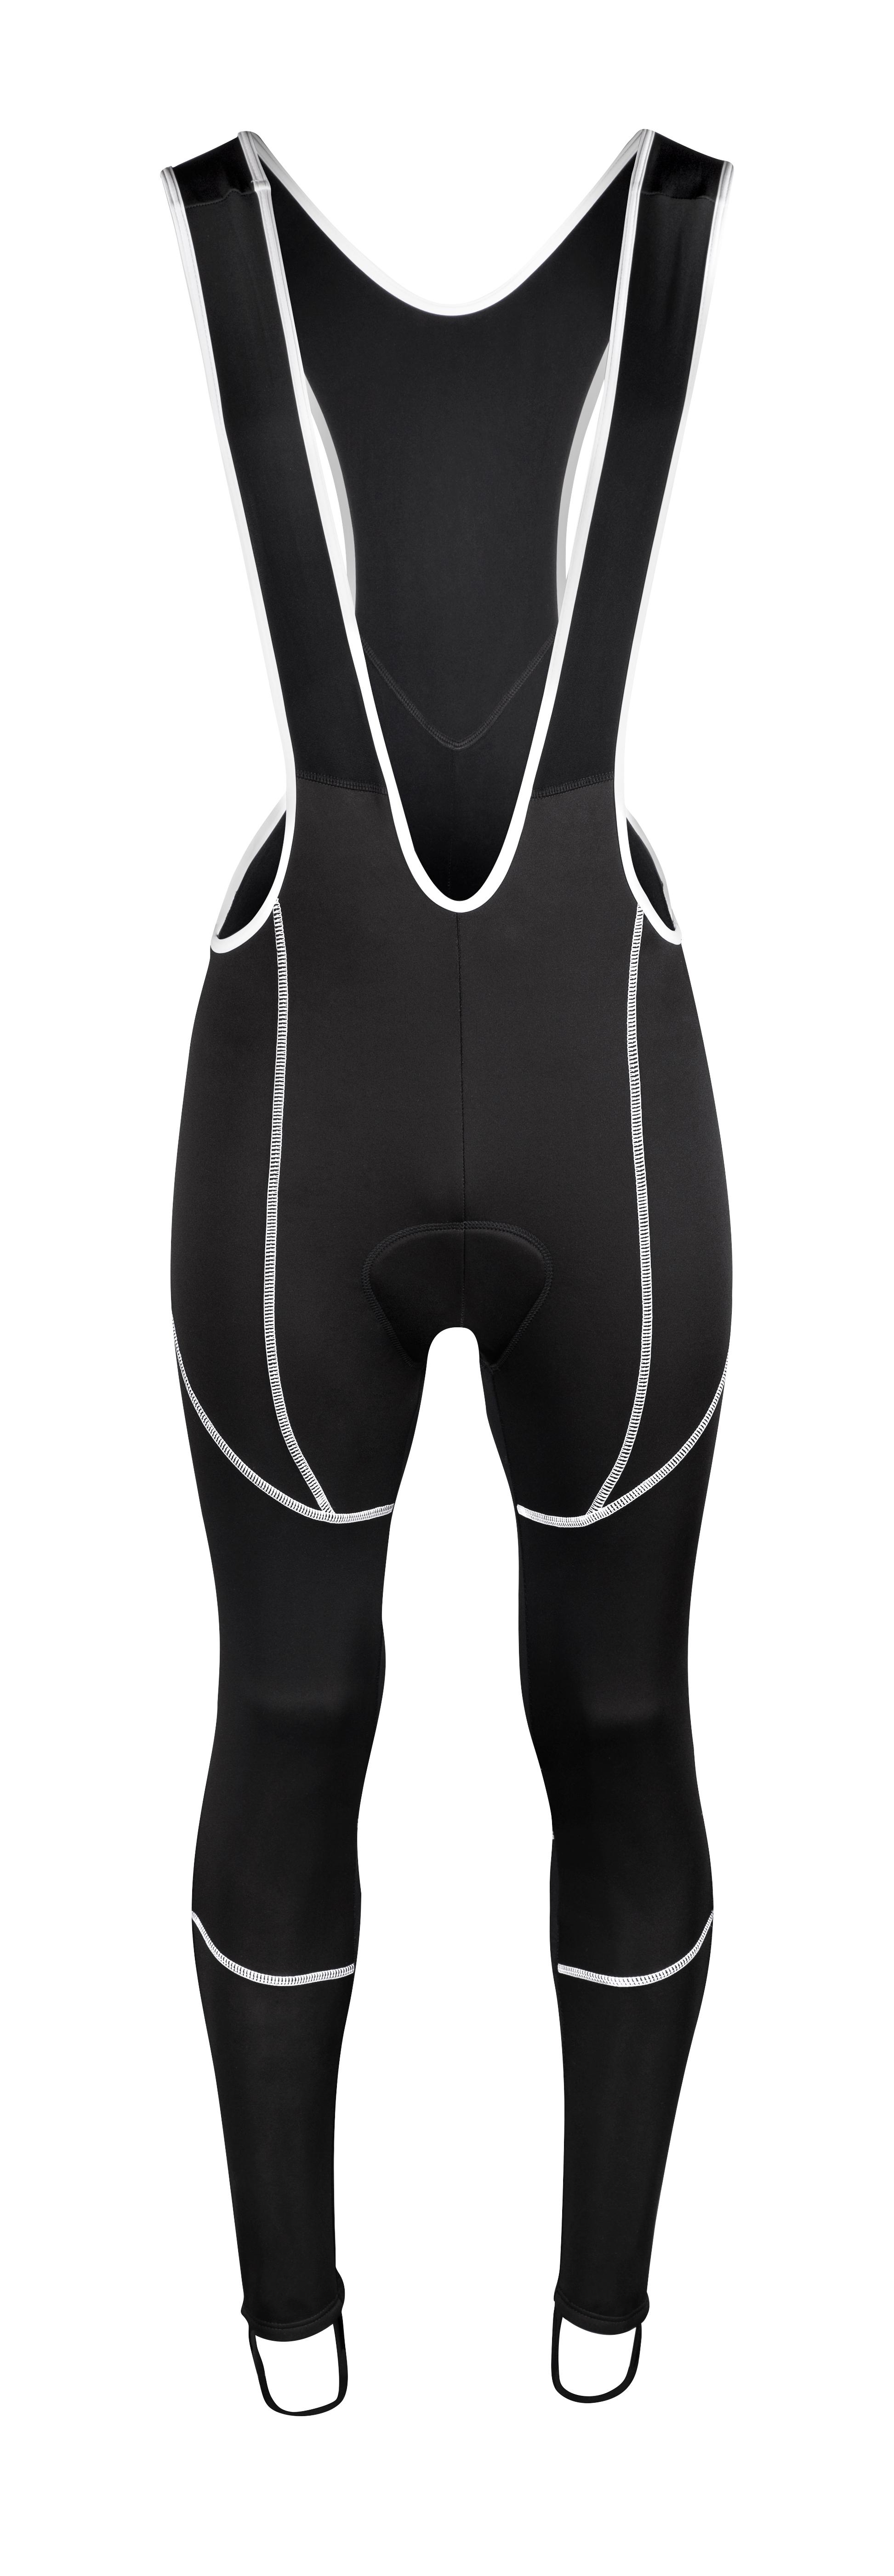 kalhoty FORCE Z70 SOFTSHELL se šráky a vložk, črn XXXL